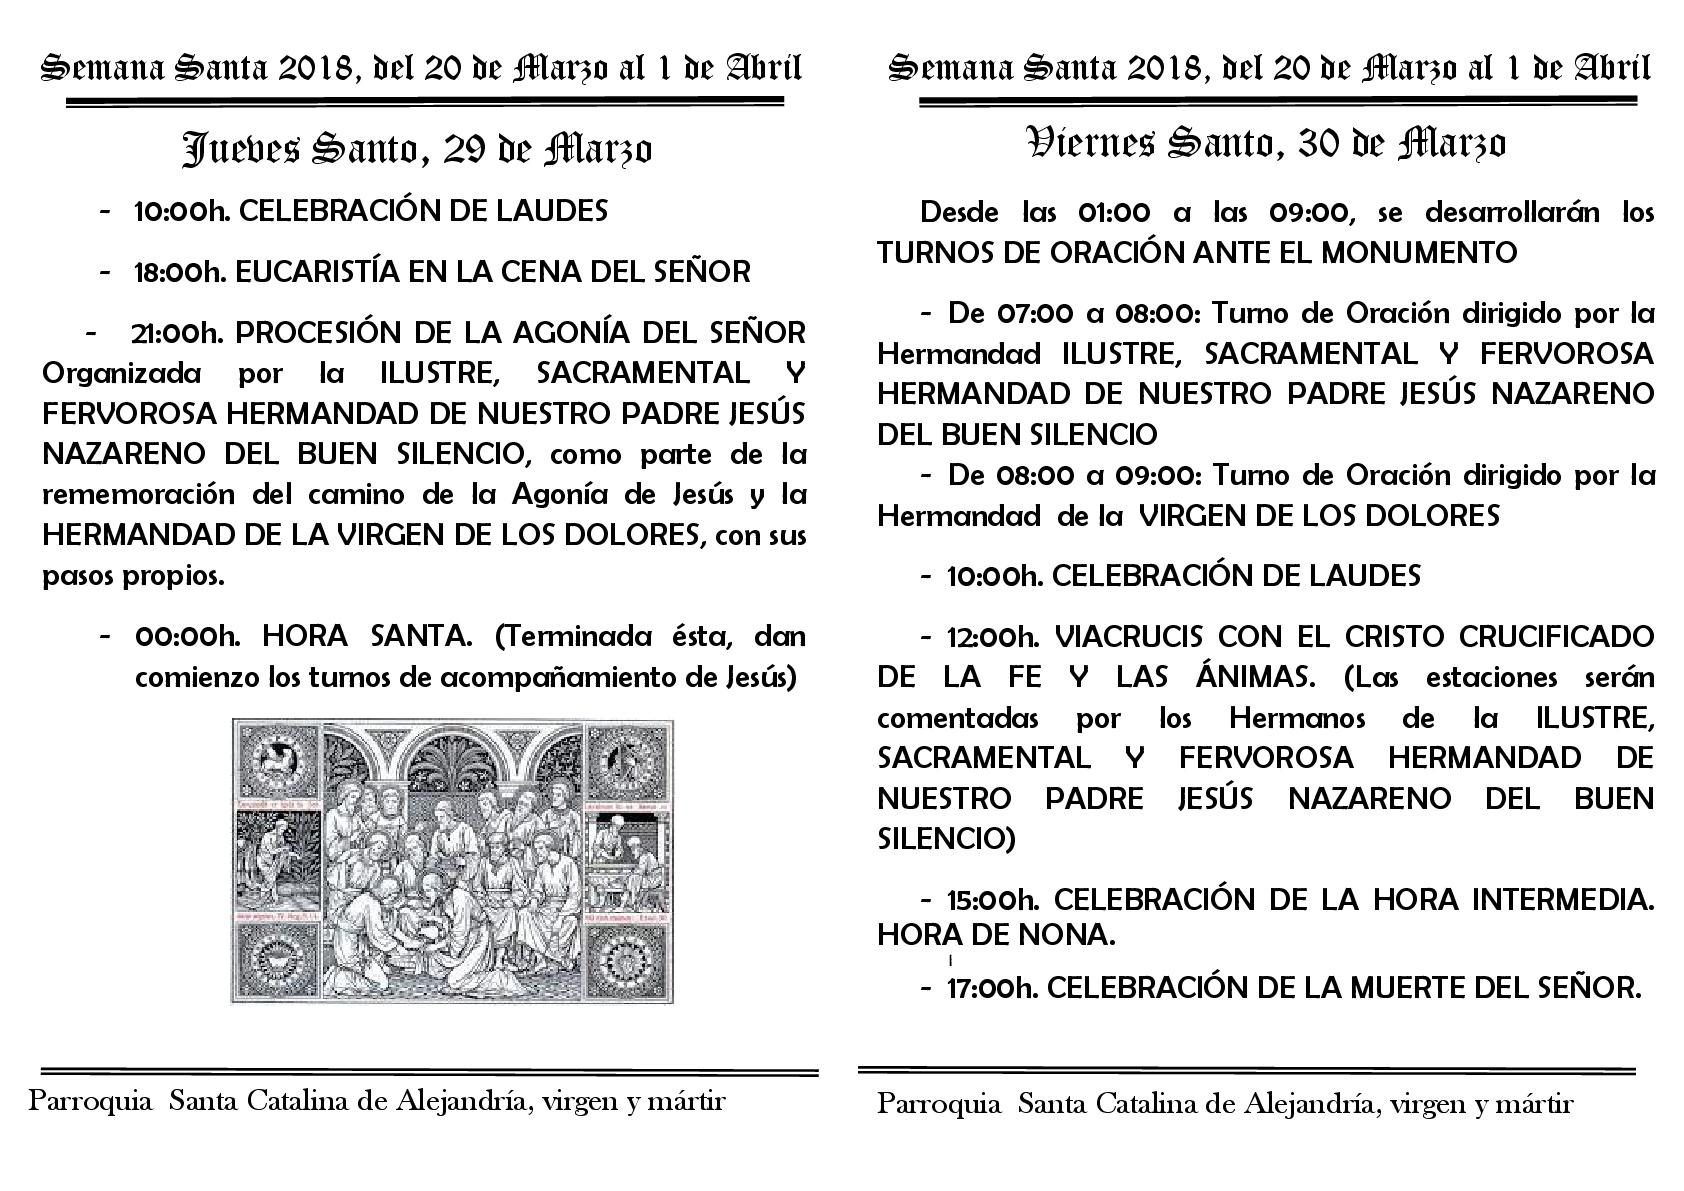 Semana Santa 2018 programa del jueves y viernes santo